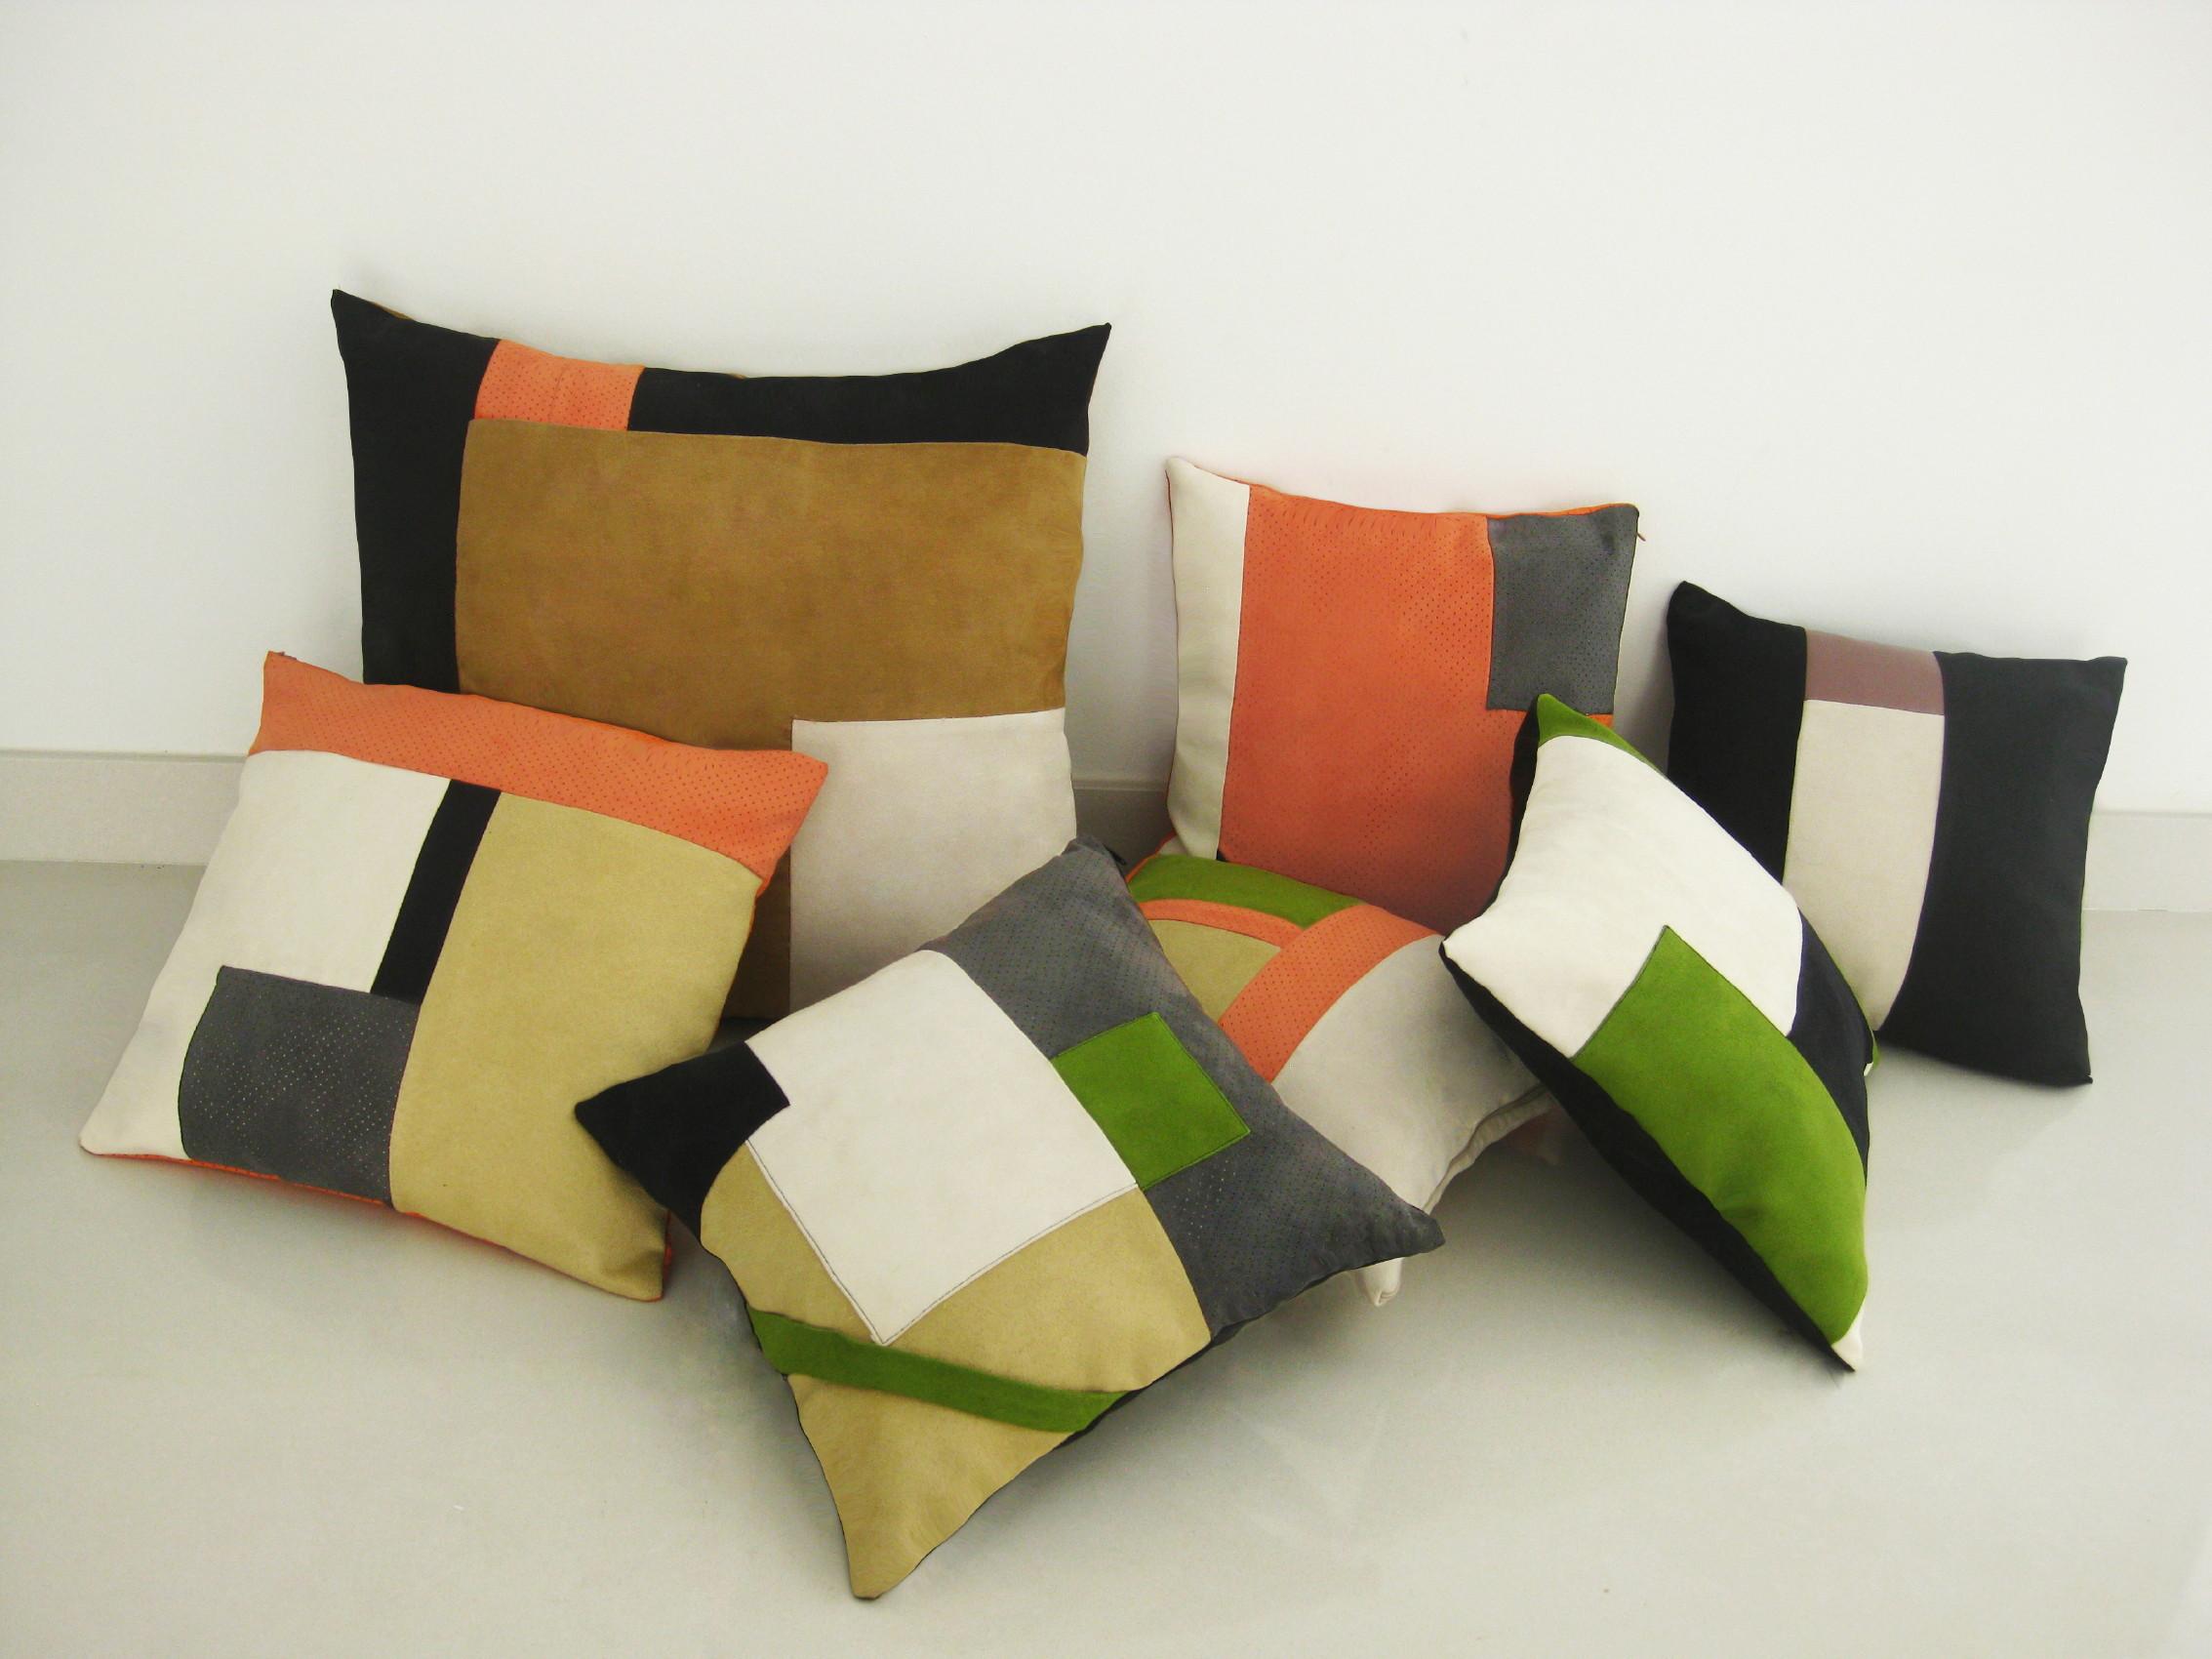 nova-linija-decora-kolekcija-jastuka-modne dizajnerice-marine-prevolsek-6